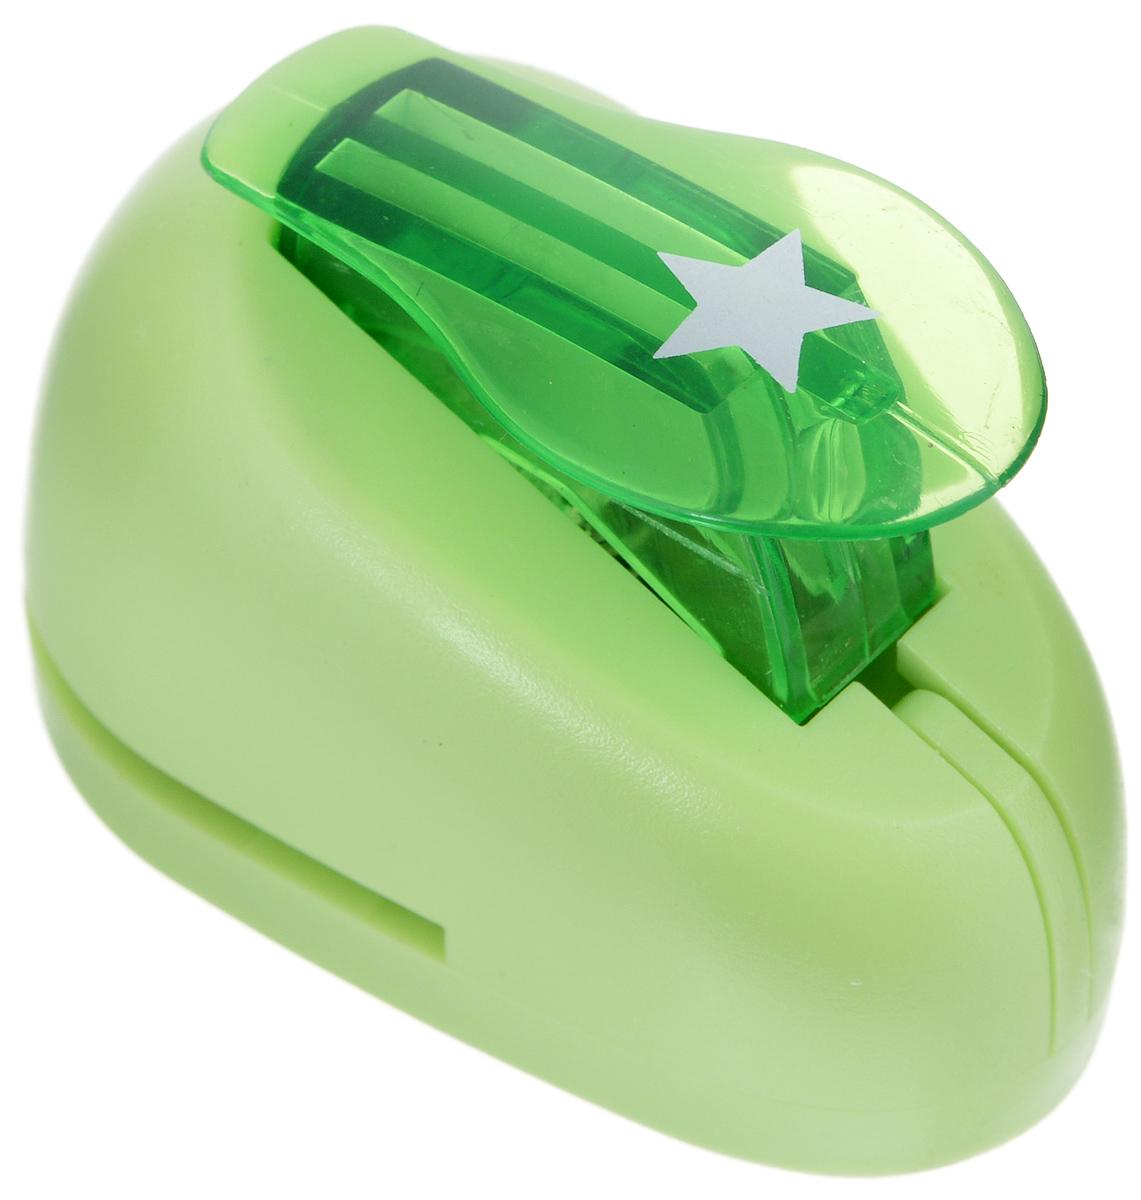 Дырокол фигурный Hobbyboom Звезда, цвет: салатовый, №68, 1 смCD-99XS-068_салатовыйДырокол фигурный Hobbyboom Звезда выполнен из прочного пластика и металла и используется в скрапбукинге для украшения открыток, карточек, коробочек и прочего. Применяется для прорезания фигурных отверстий в бумаге в форме звезд. Вырезанный элемент также можно использовать для украшения. Предназначен для бумаги плотностью от 80 до 200 г/м2. При применении на бумаге большей плотности или на картоне, дырокол быстро затупится. Чтобы заточить нож компостера, нужно прокомпостировать самую тонкую наждачку.Размер дырокола: 5 см х 4 см х 3 см. Размер готовой фигурки: 1 см х 1 см.